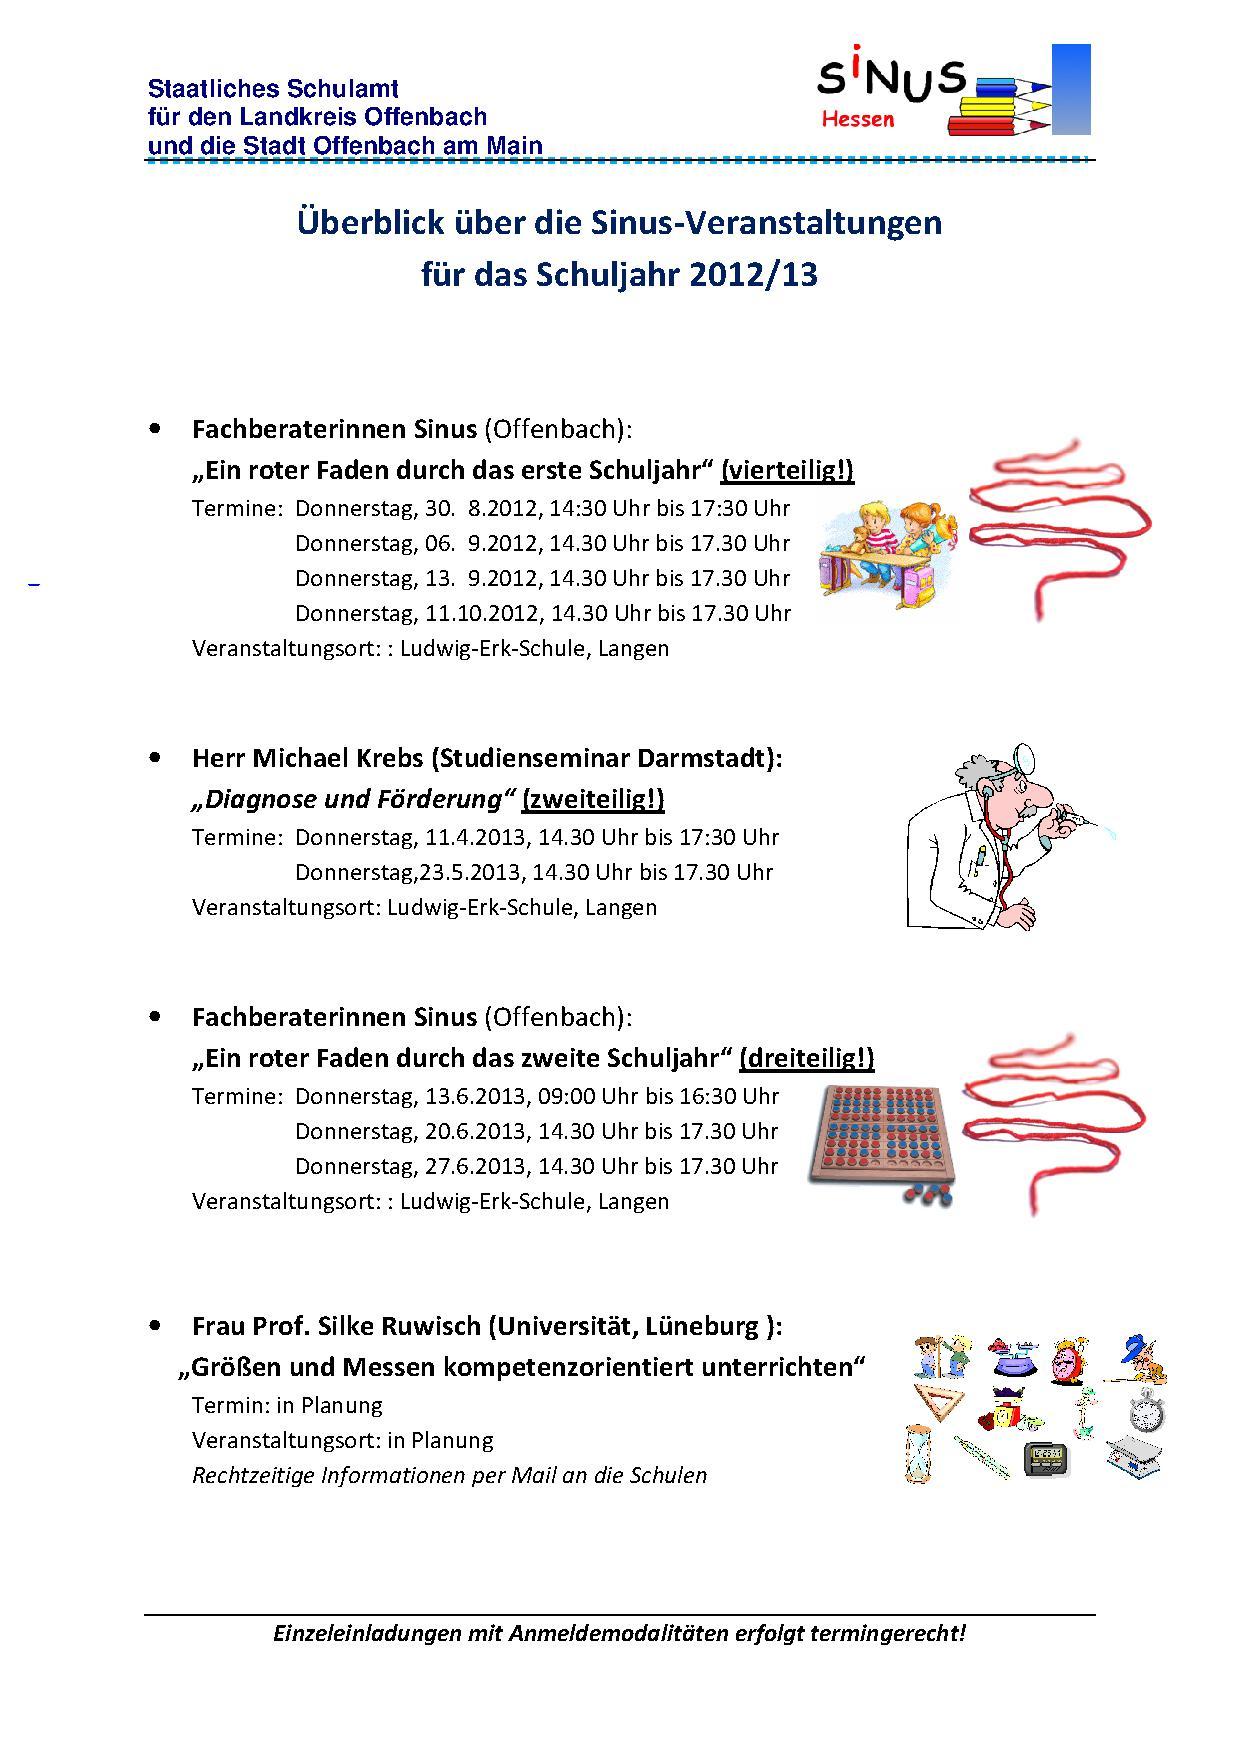 FB-Angebote 2012/13